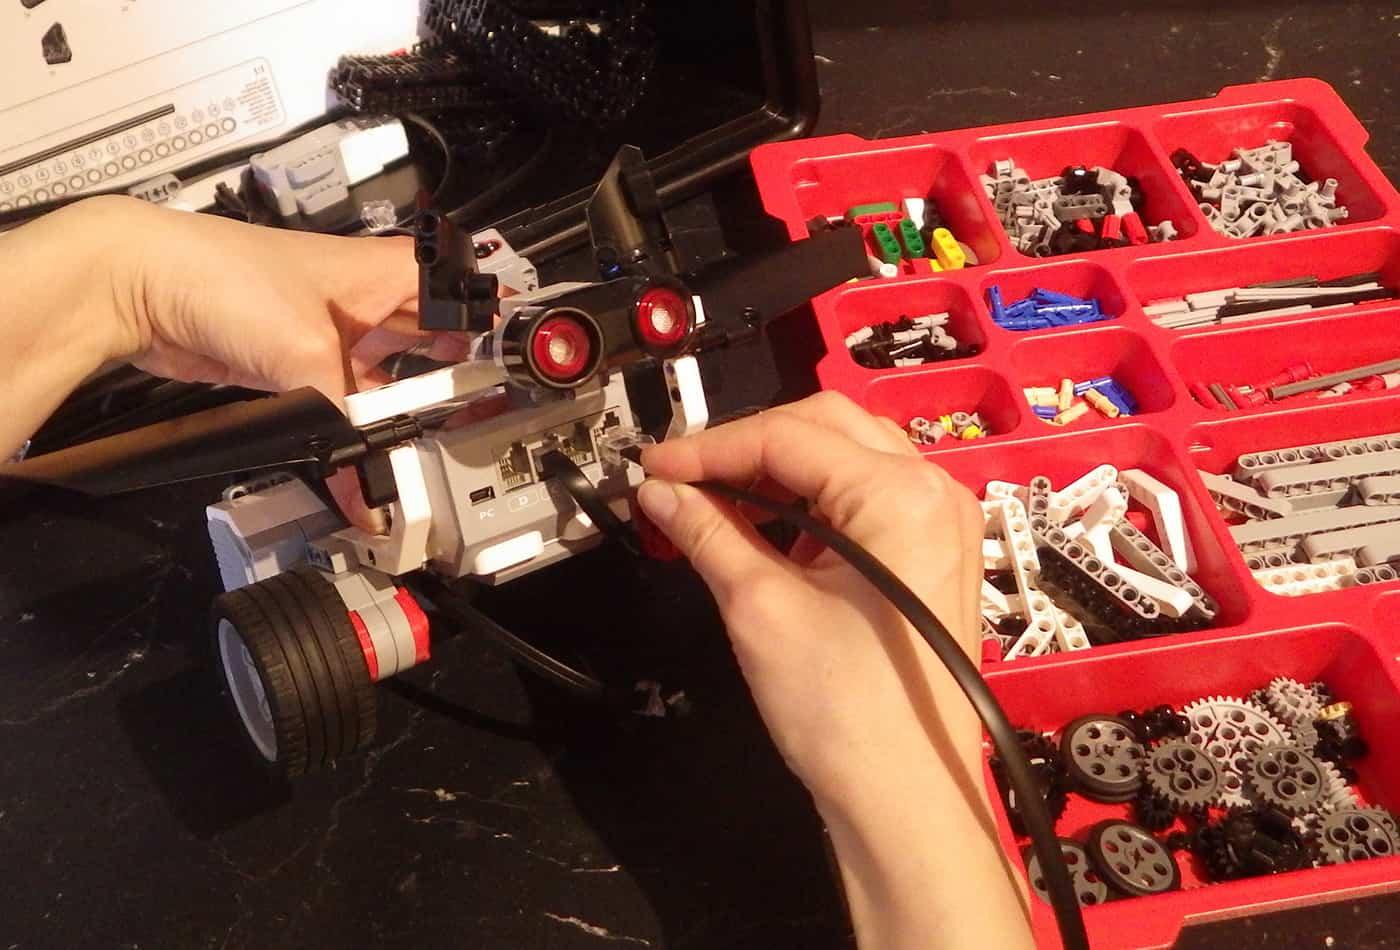 """ie das Prinzip der Echoortung funktioniert und wie ein Roboter """"denkt"""", erfahren die Teilnehmer bei einem der abwechslungsreichen Technik-Workshops. (Foto: Zoo Heidelberg)"""